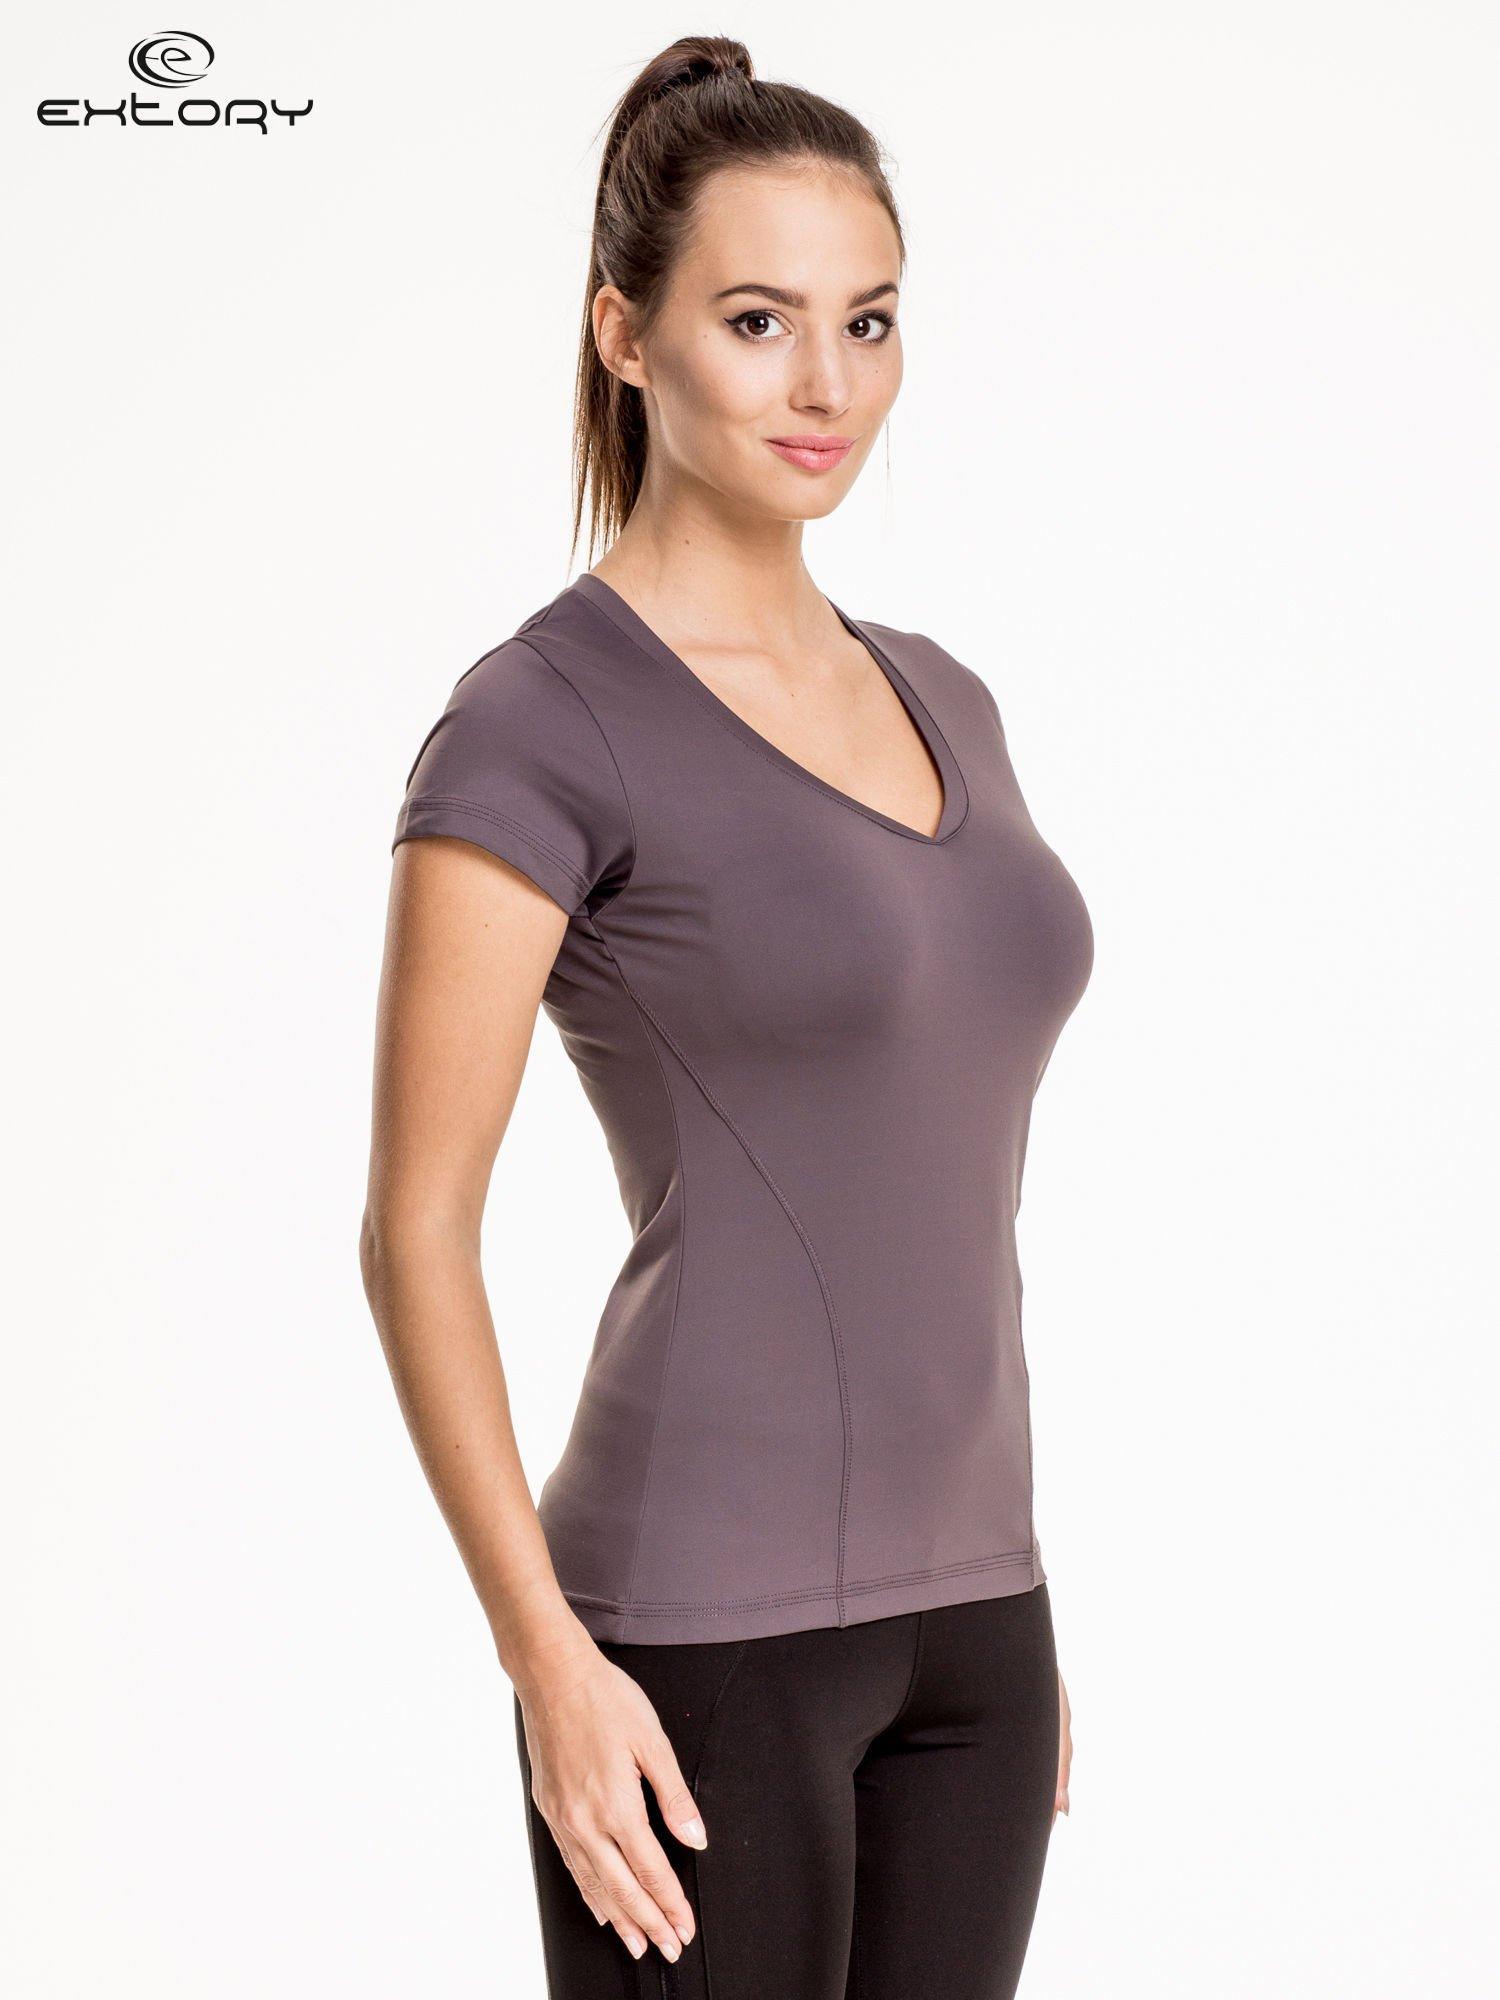 Szary modelujący damski t-shirt sportowy                                   zdj.                                  3